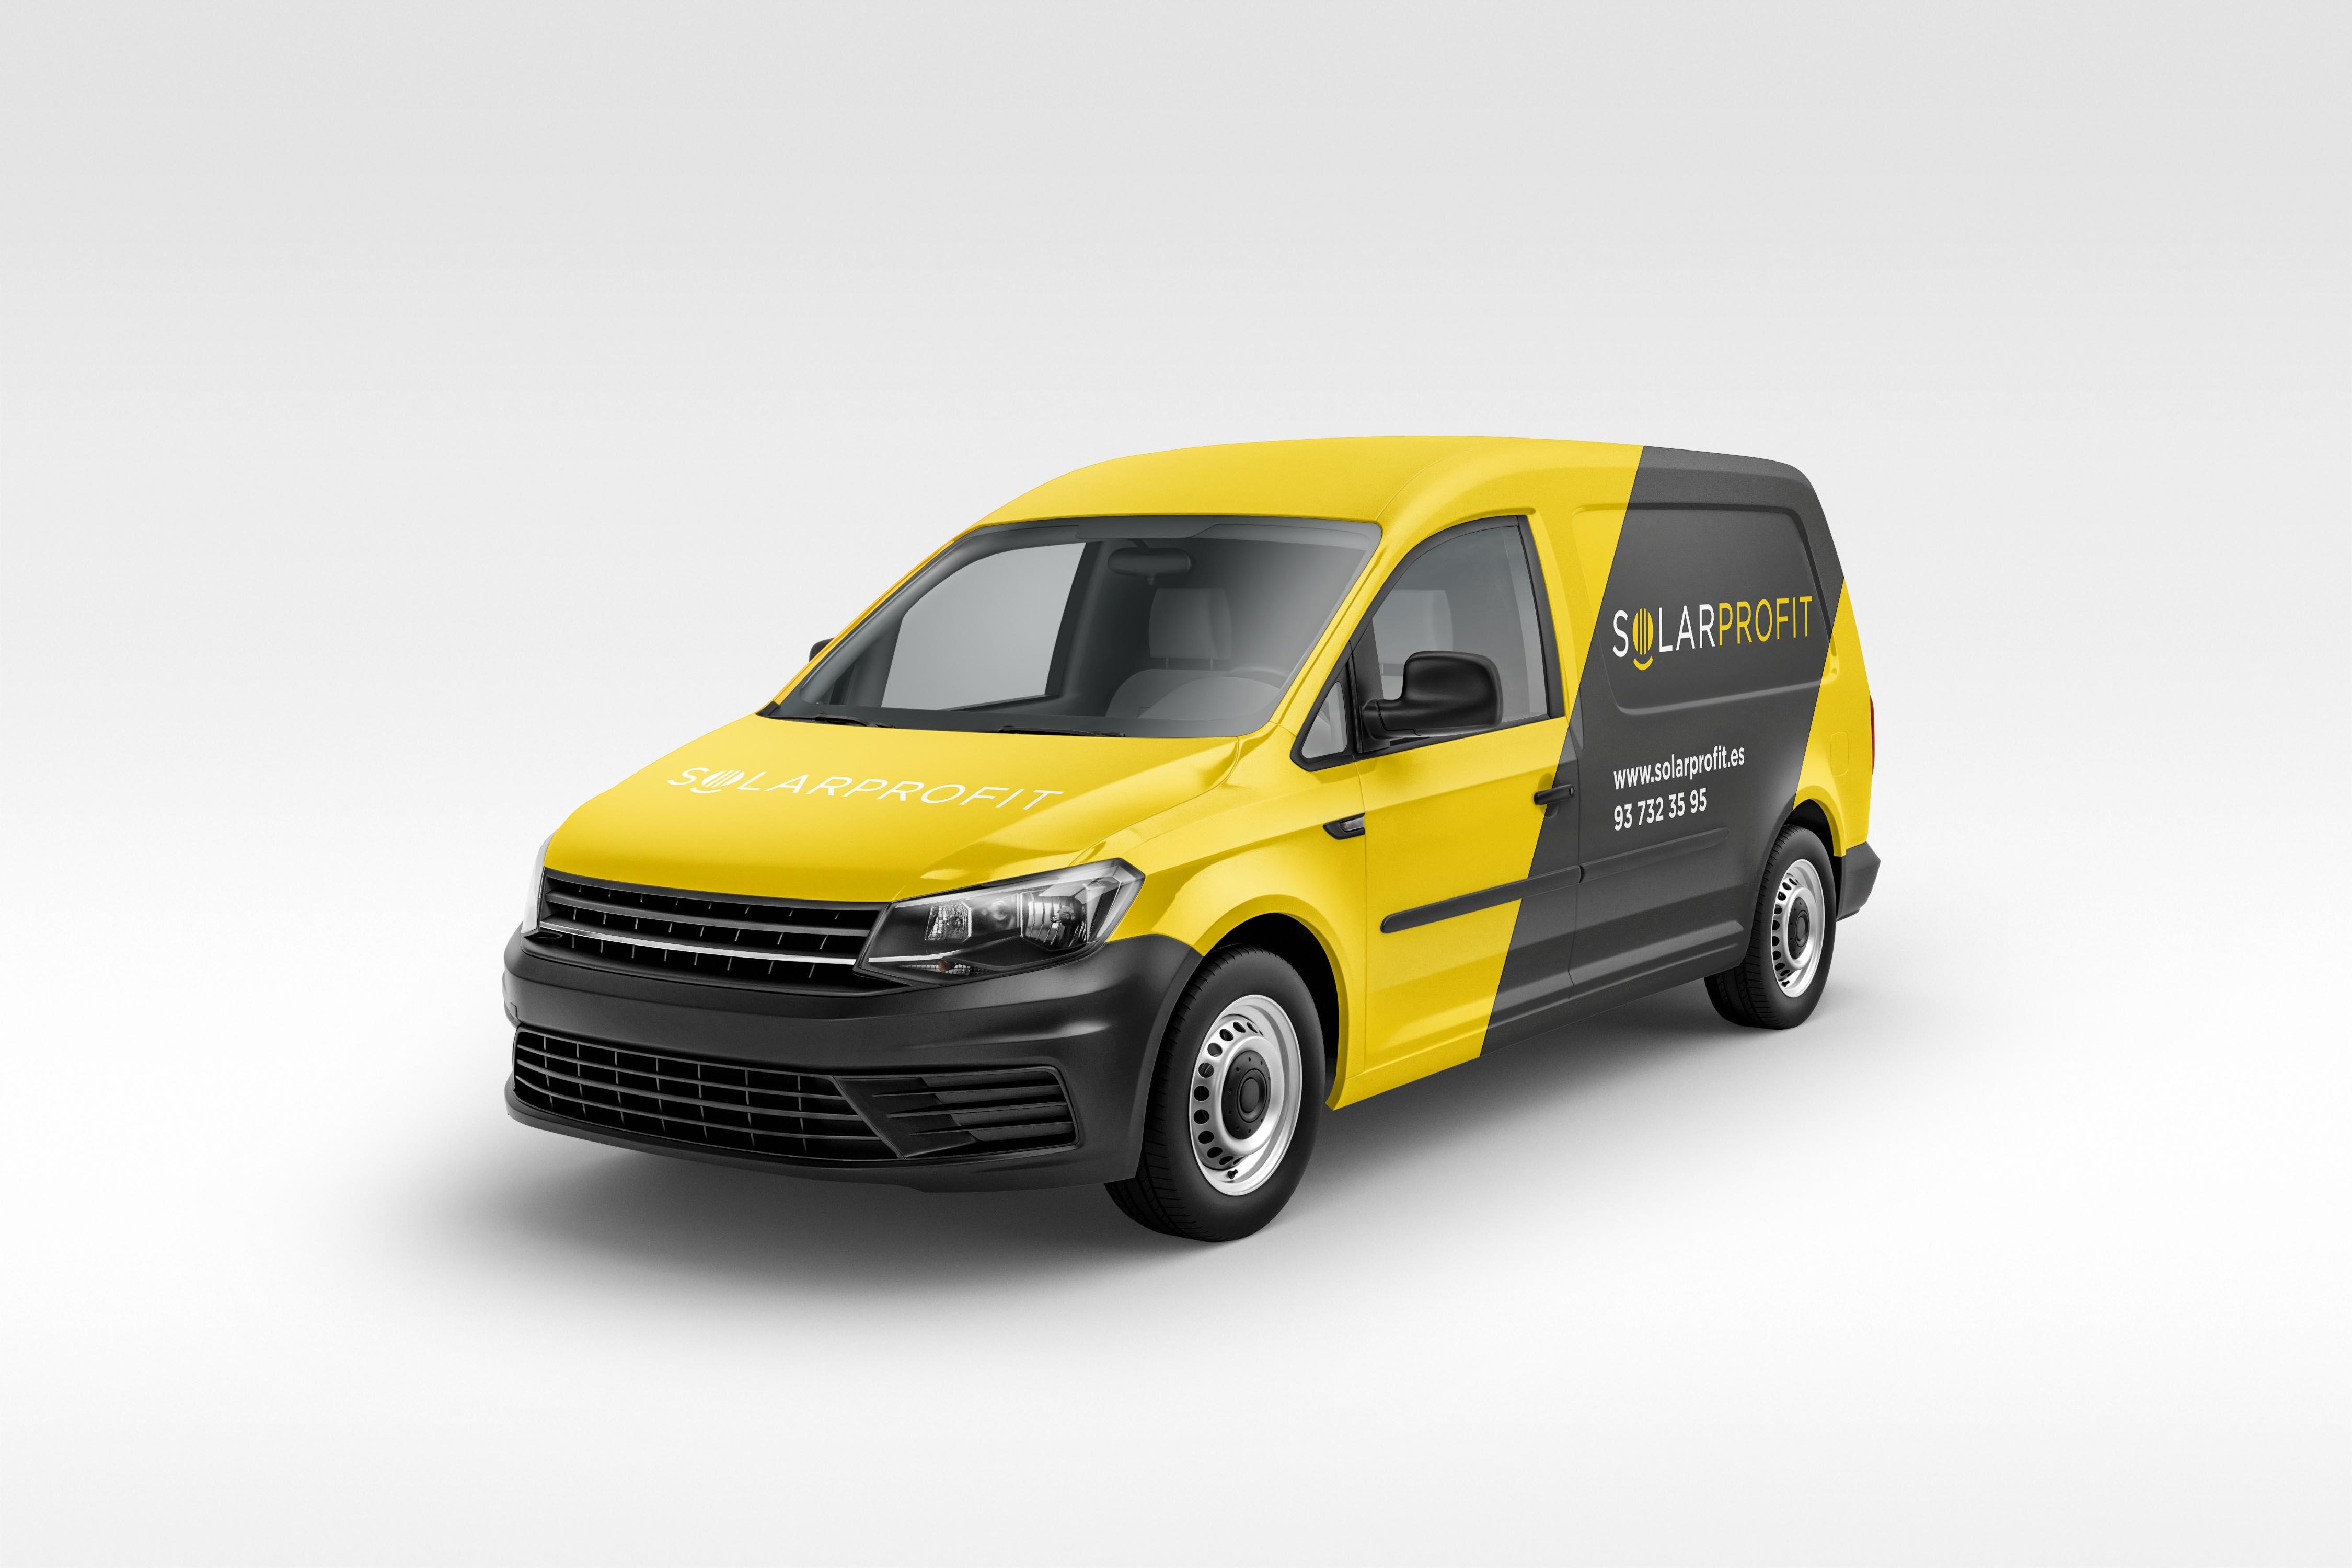 solarprofit-coche-2